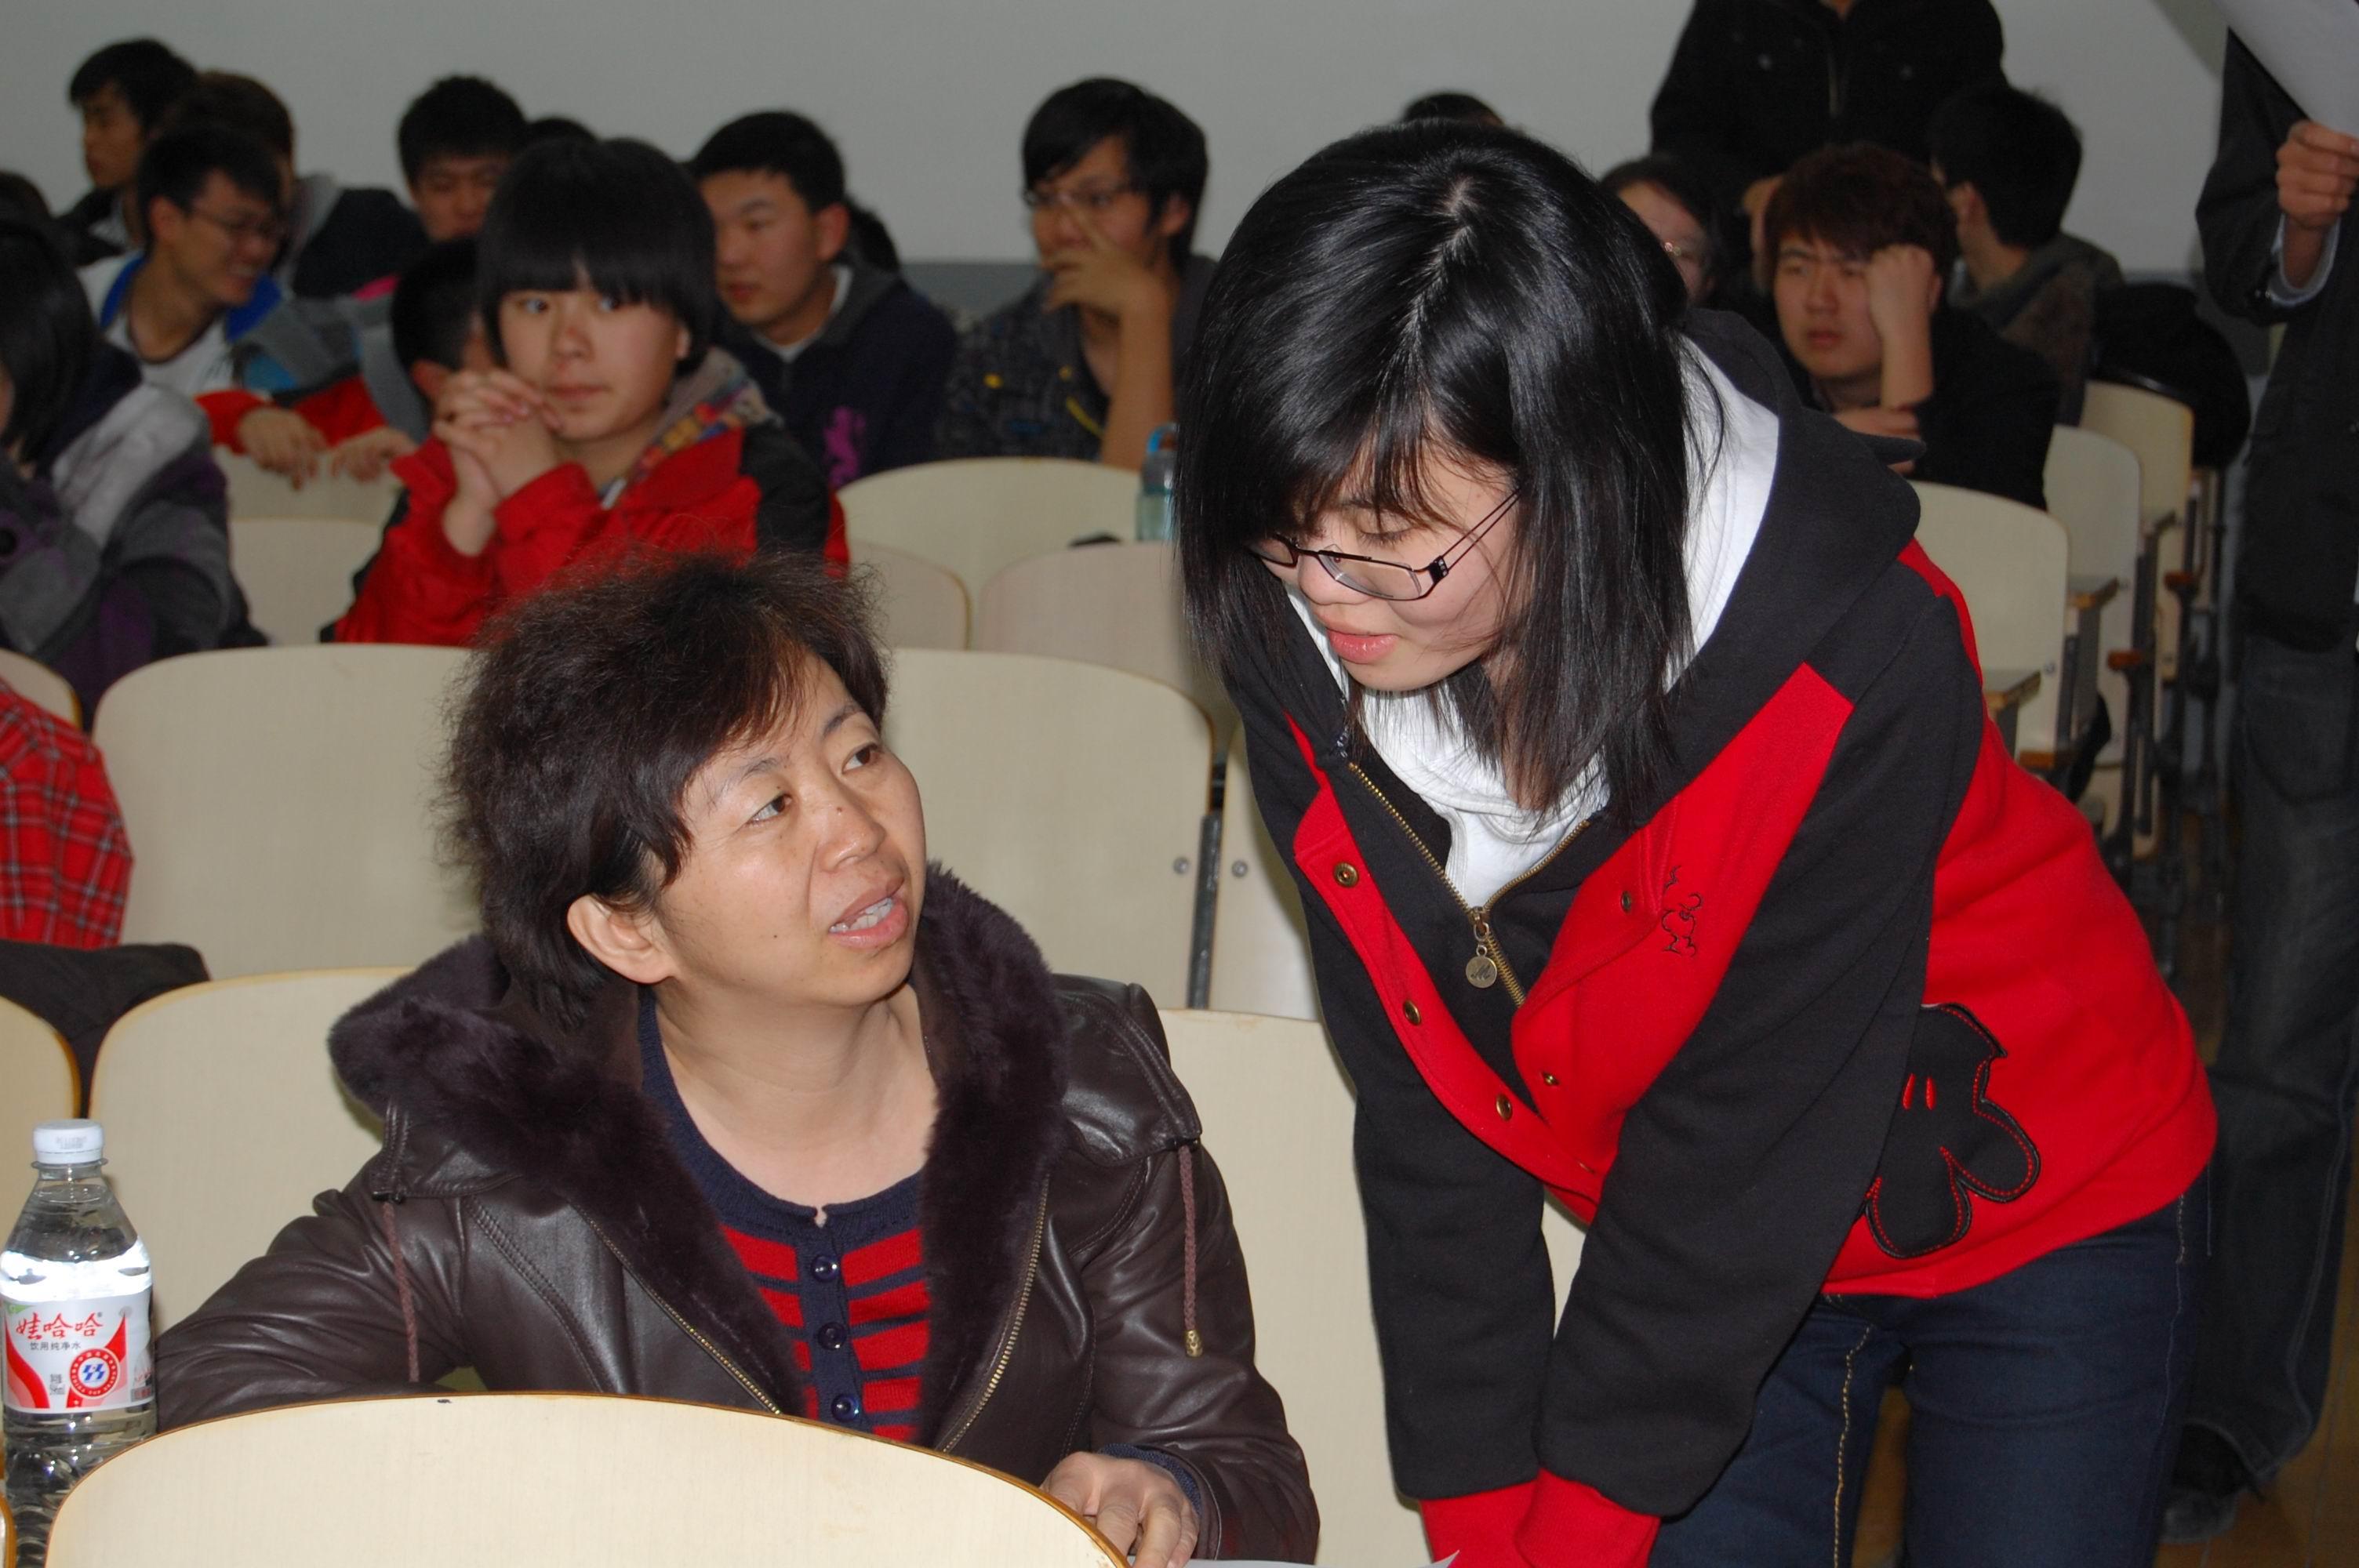 环能学院举办2011年度大学生科技立项师生双选会图片